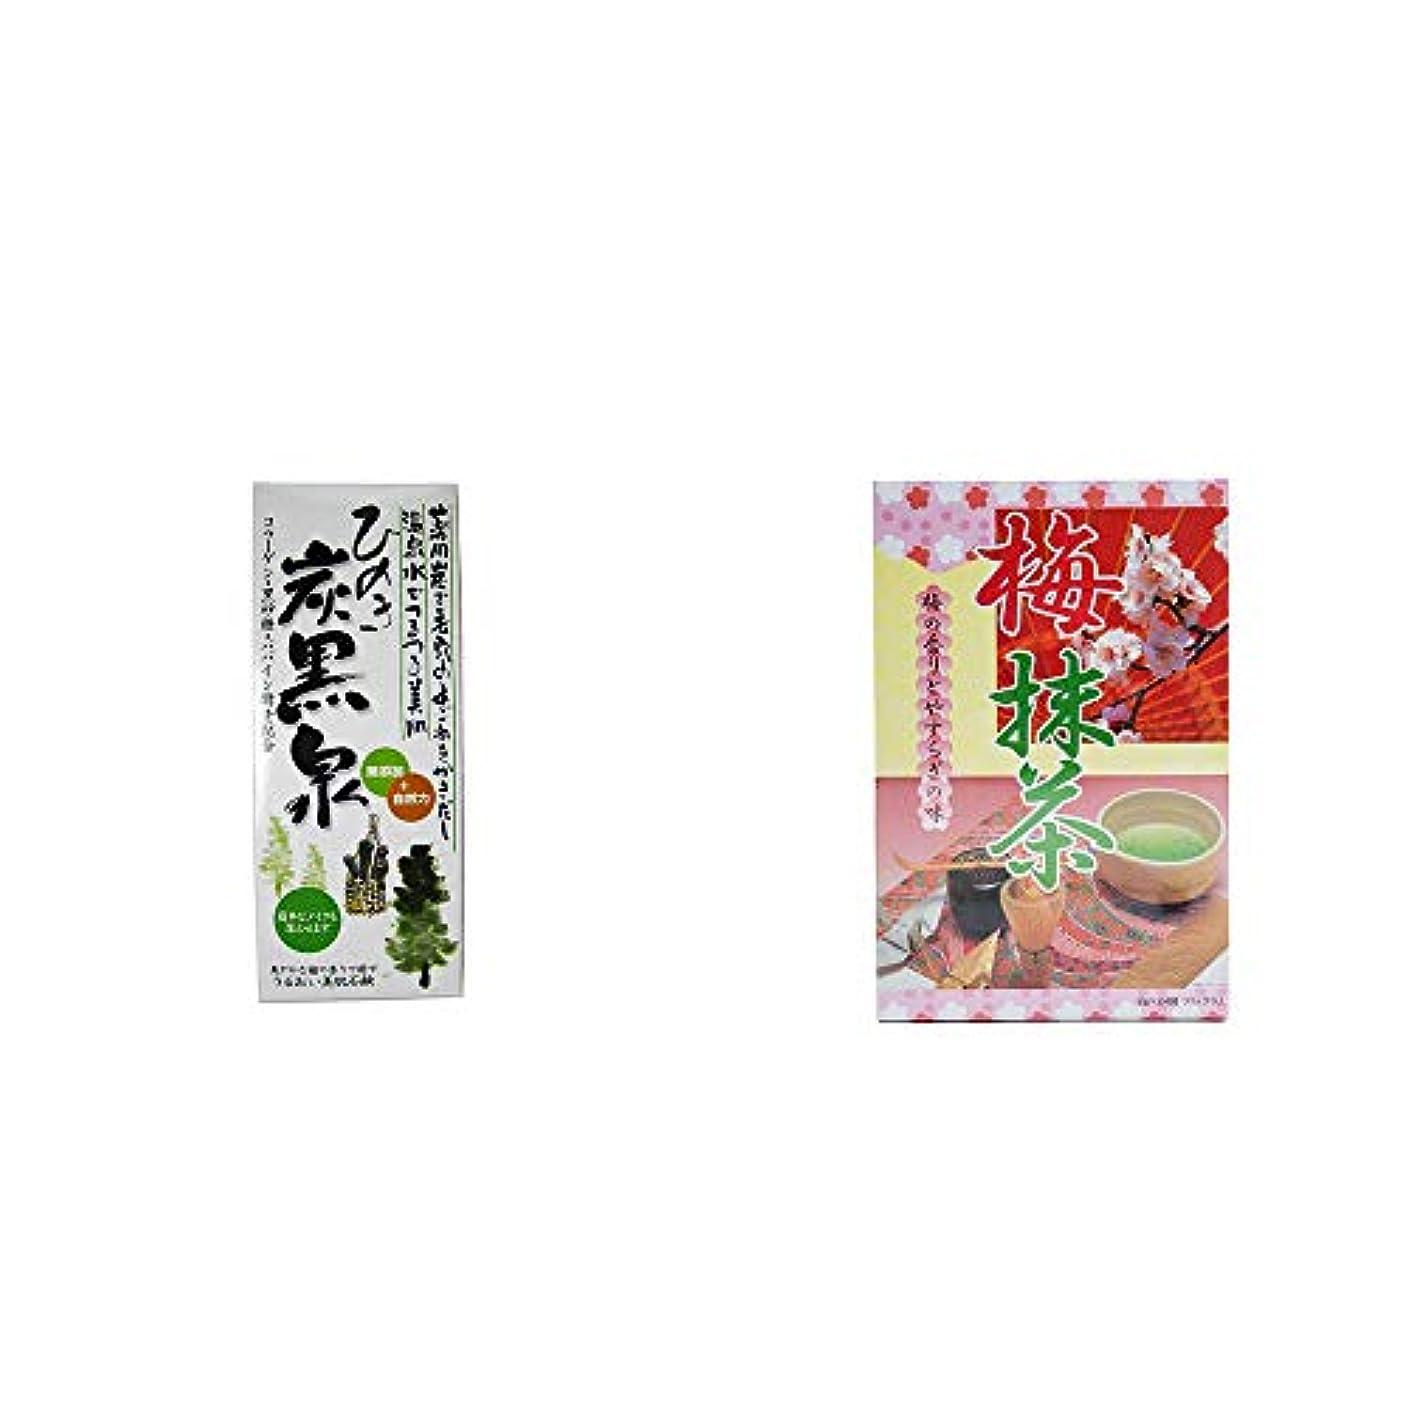 タヒチ考案する頭[2点セット] ひのき炭黒泉 箱入り(75g×3)?梅抹茶[大](24袋)